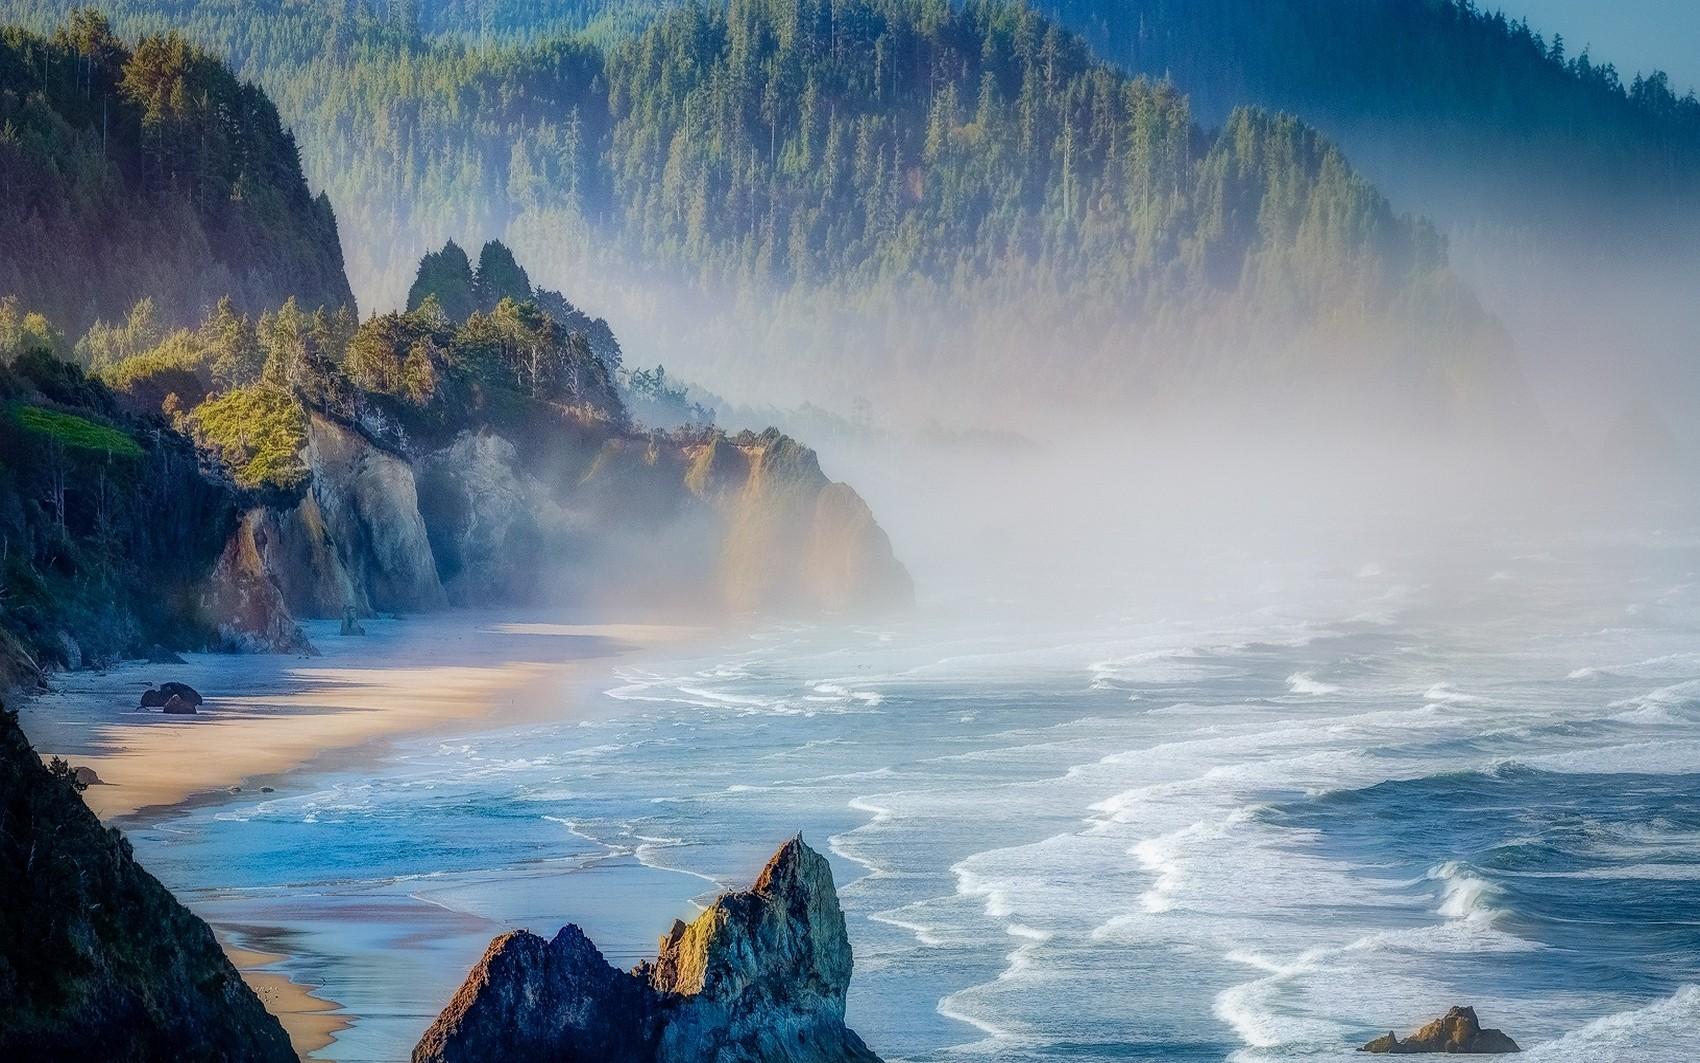 красивые картинка горы лес океан производства упаковки